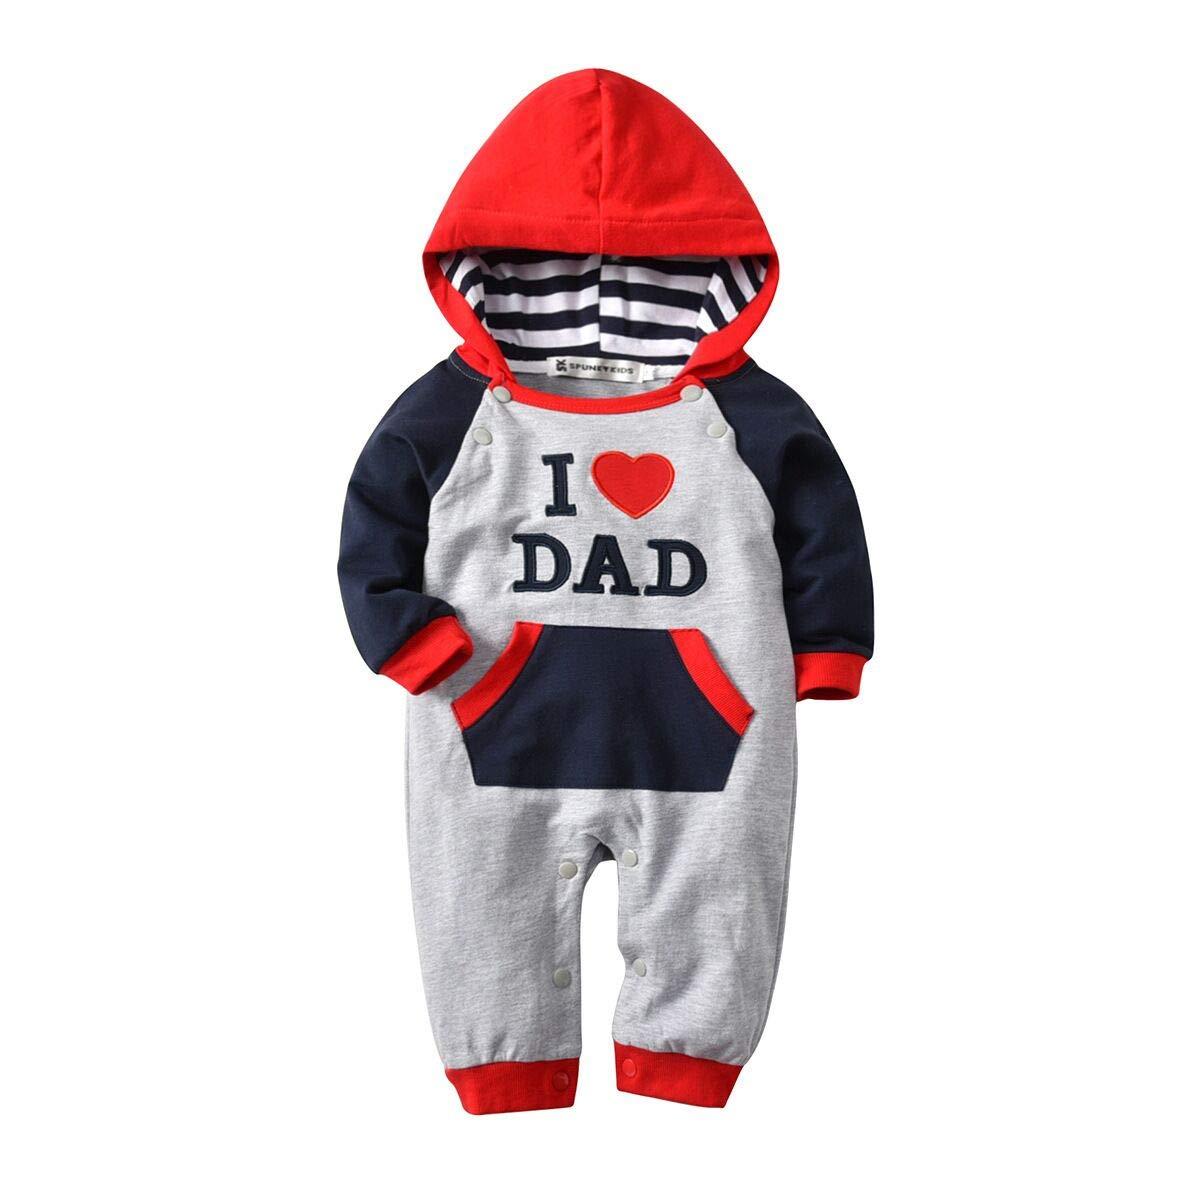 Newborn Kid Christmas Cute Baby Hoodie Boys Girls Jumpsuit I Love Dad/80